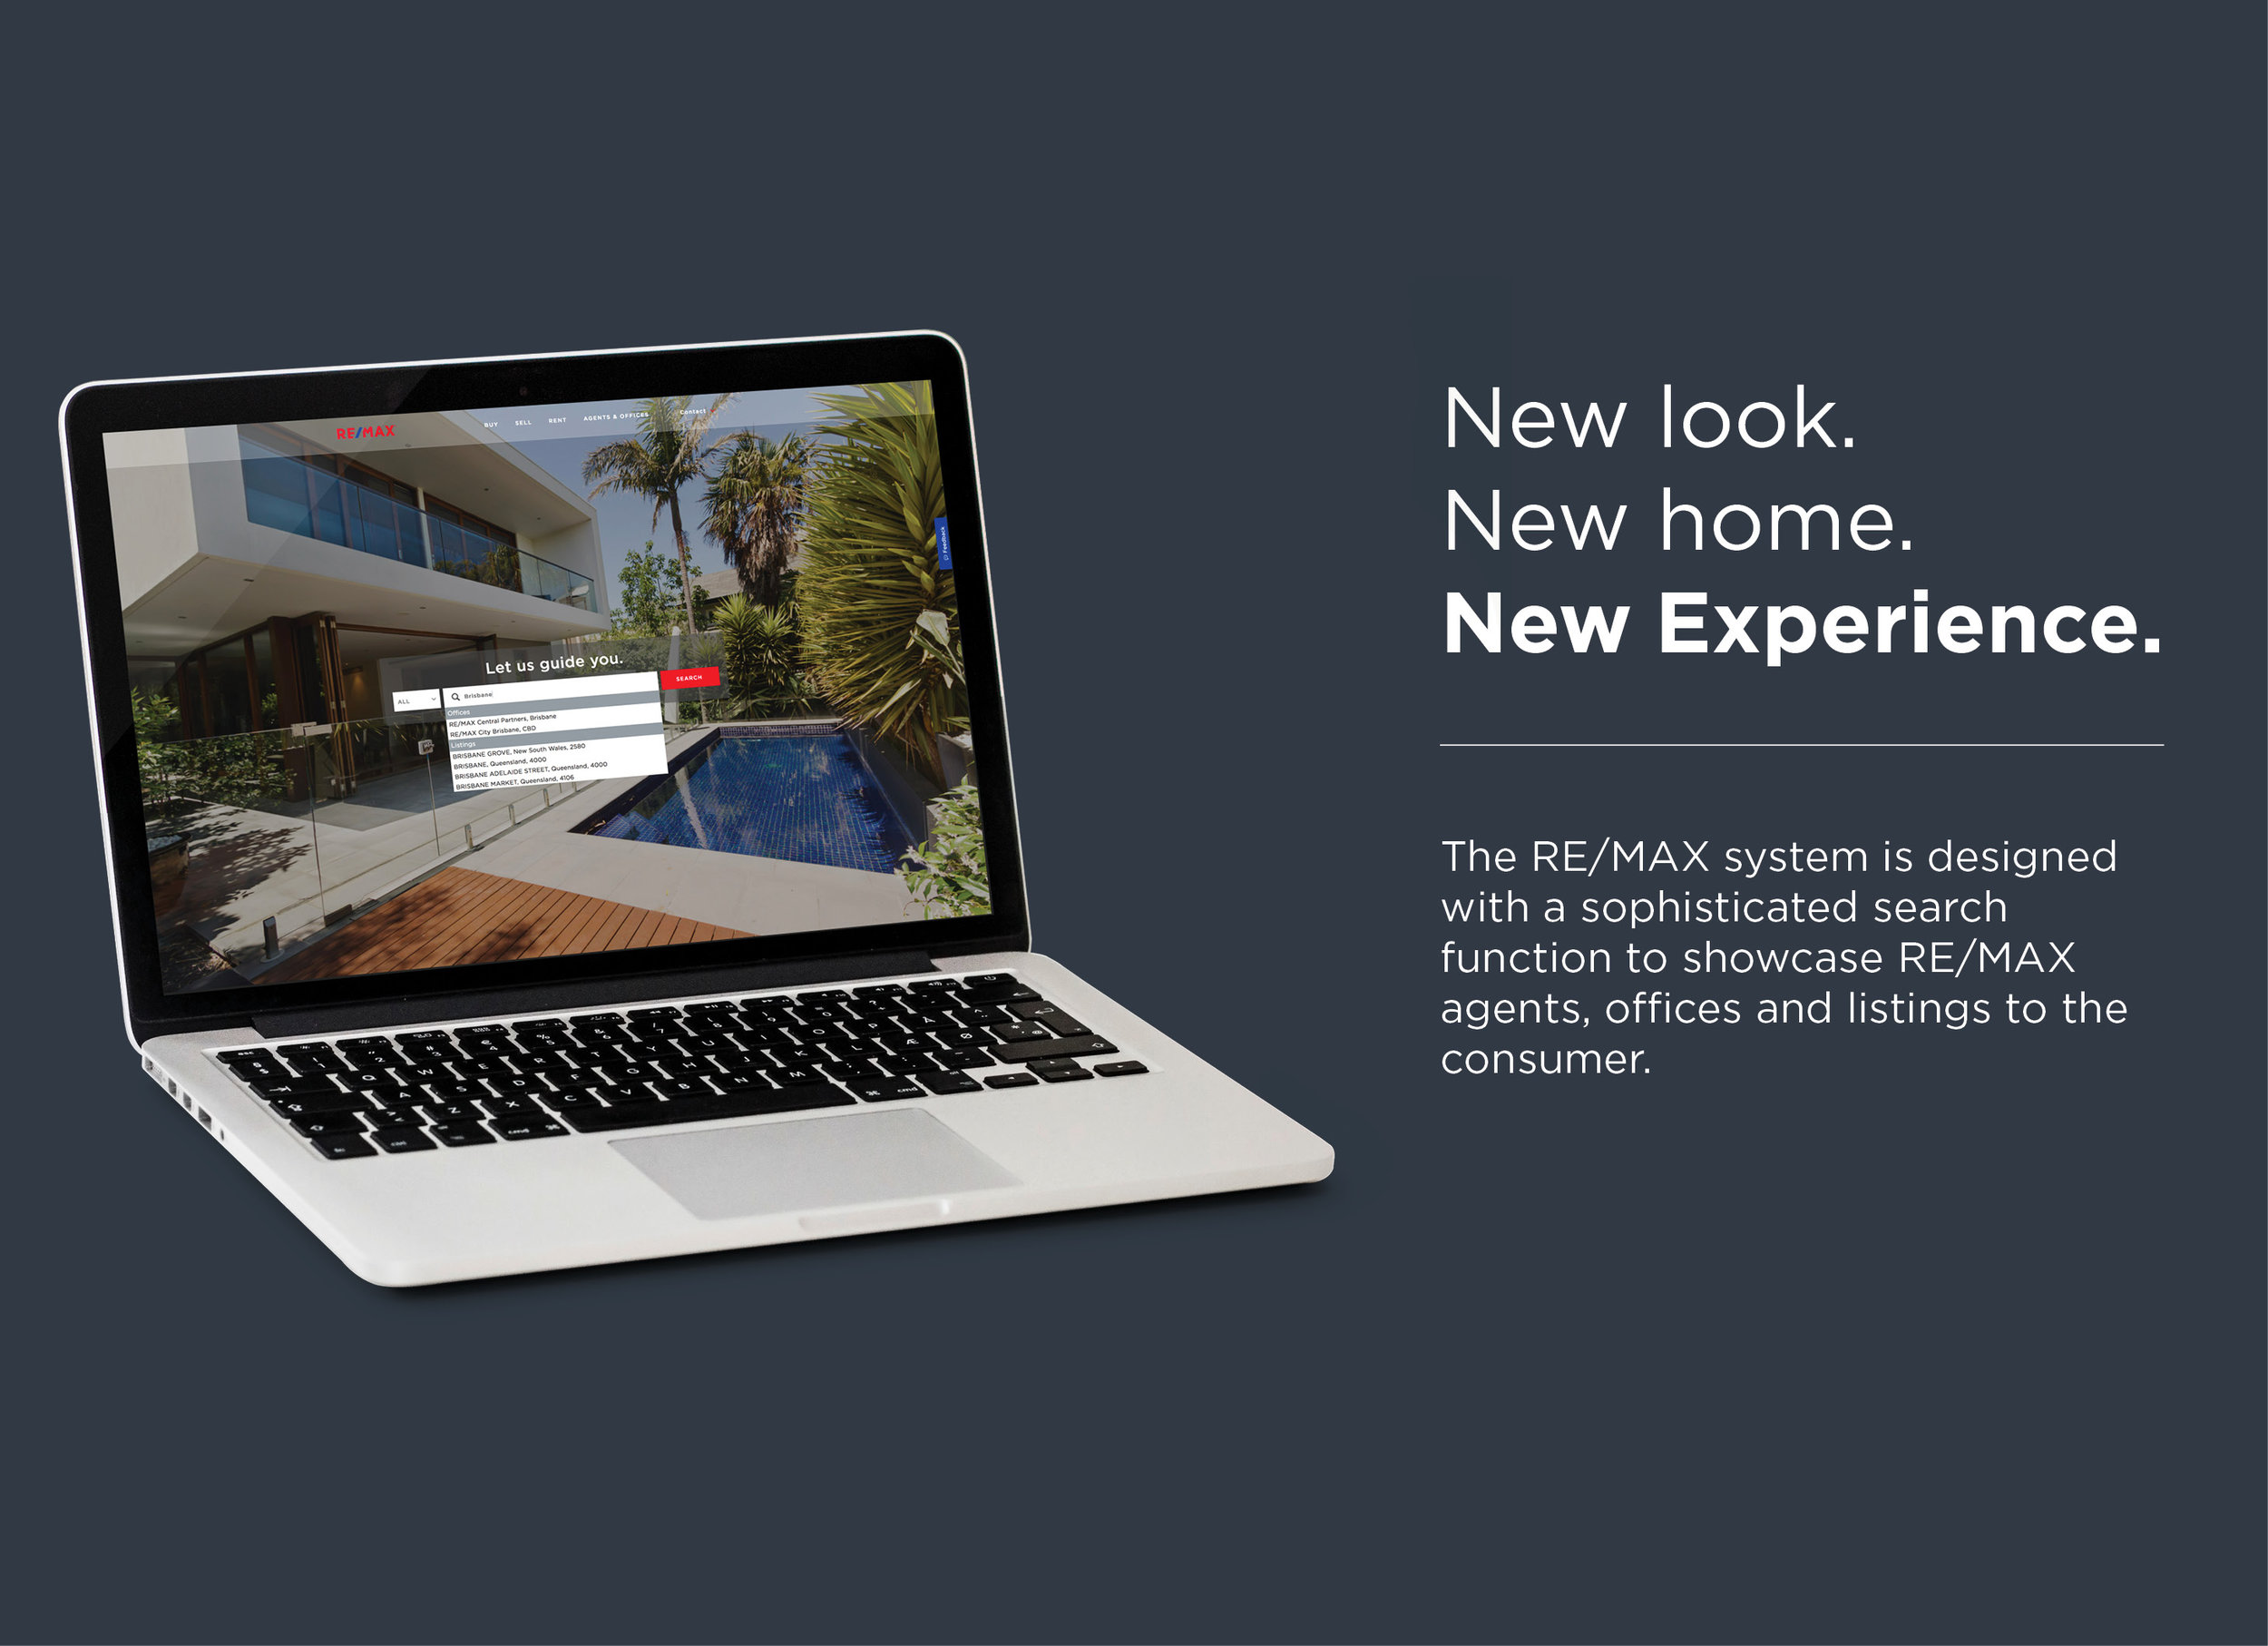 Website showcase-headrer32.jpg